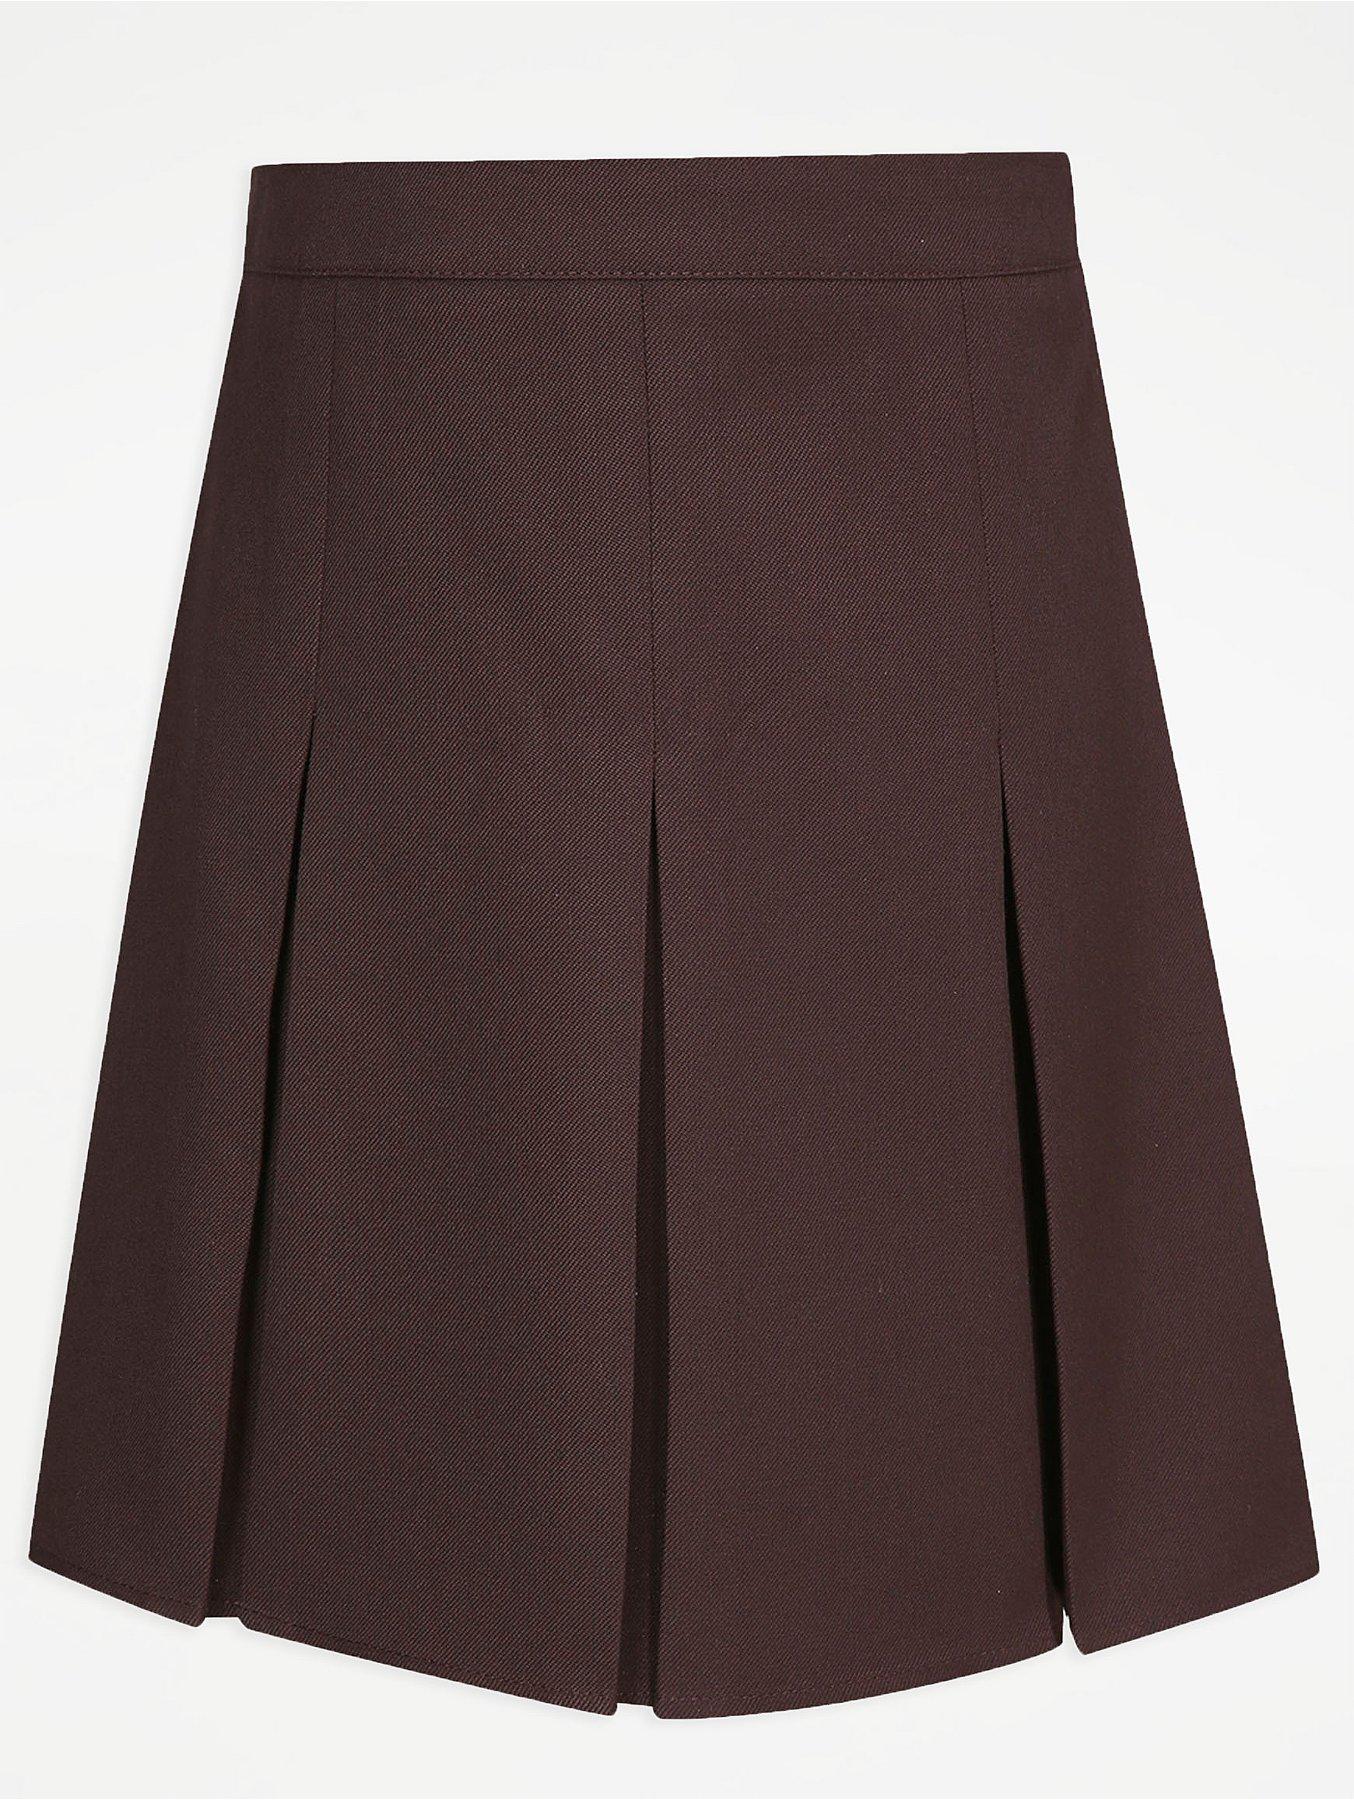 b7a7da834 Girls Brown Pleated School Skirt | School | George